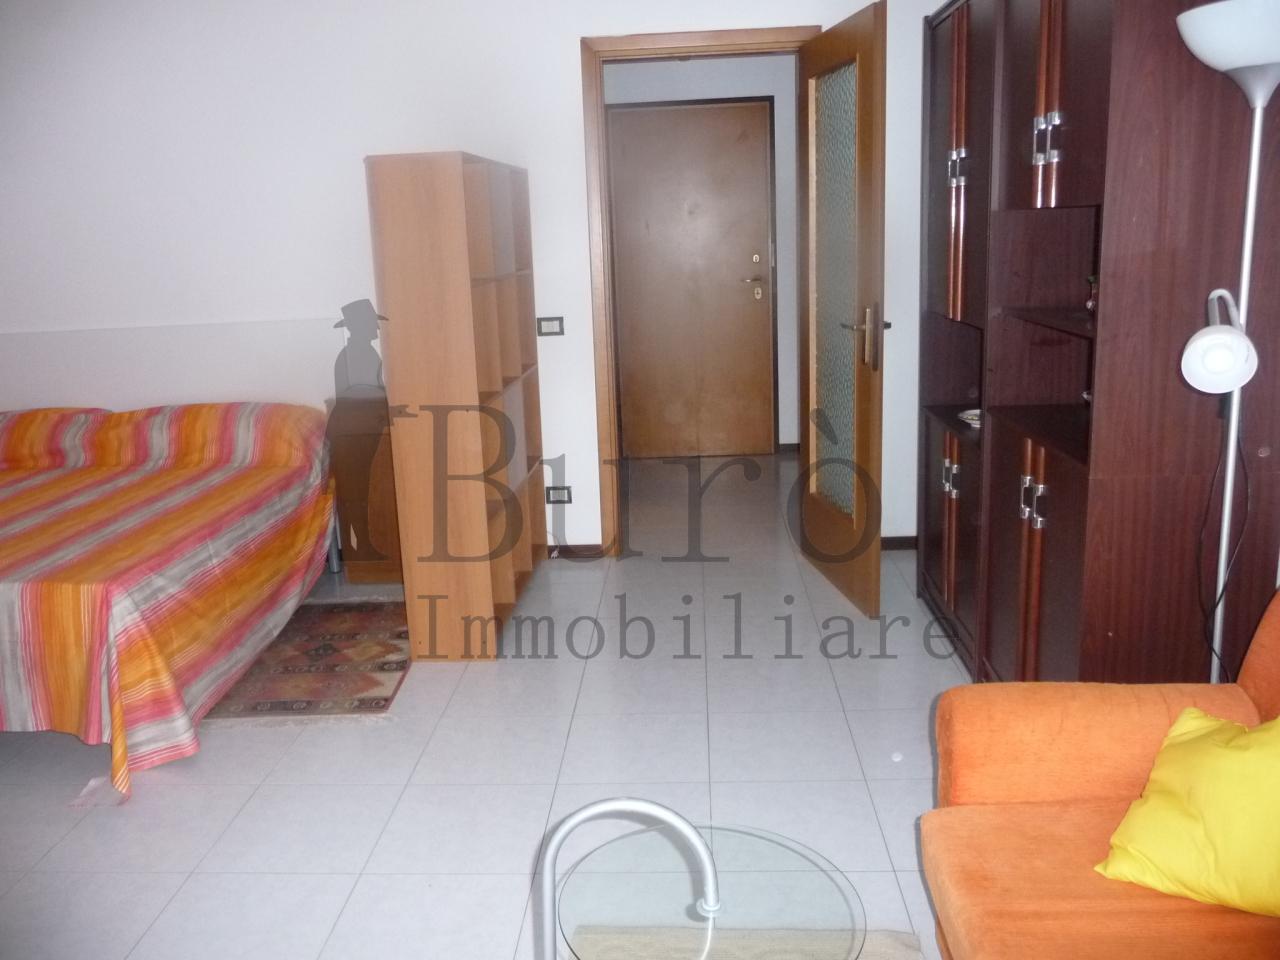 Appartamento in affitto a Torrile, 1 locali, prezzo € 390 | Cambio Casa.it